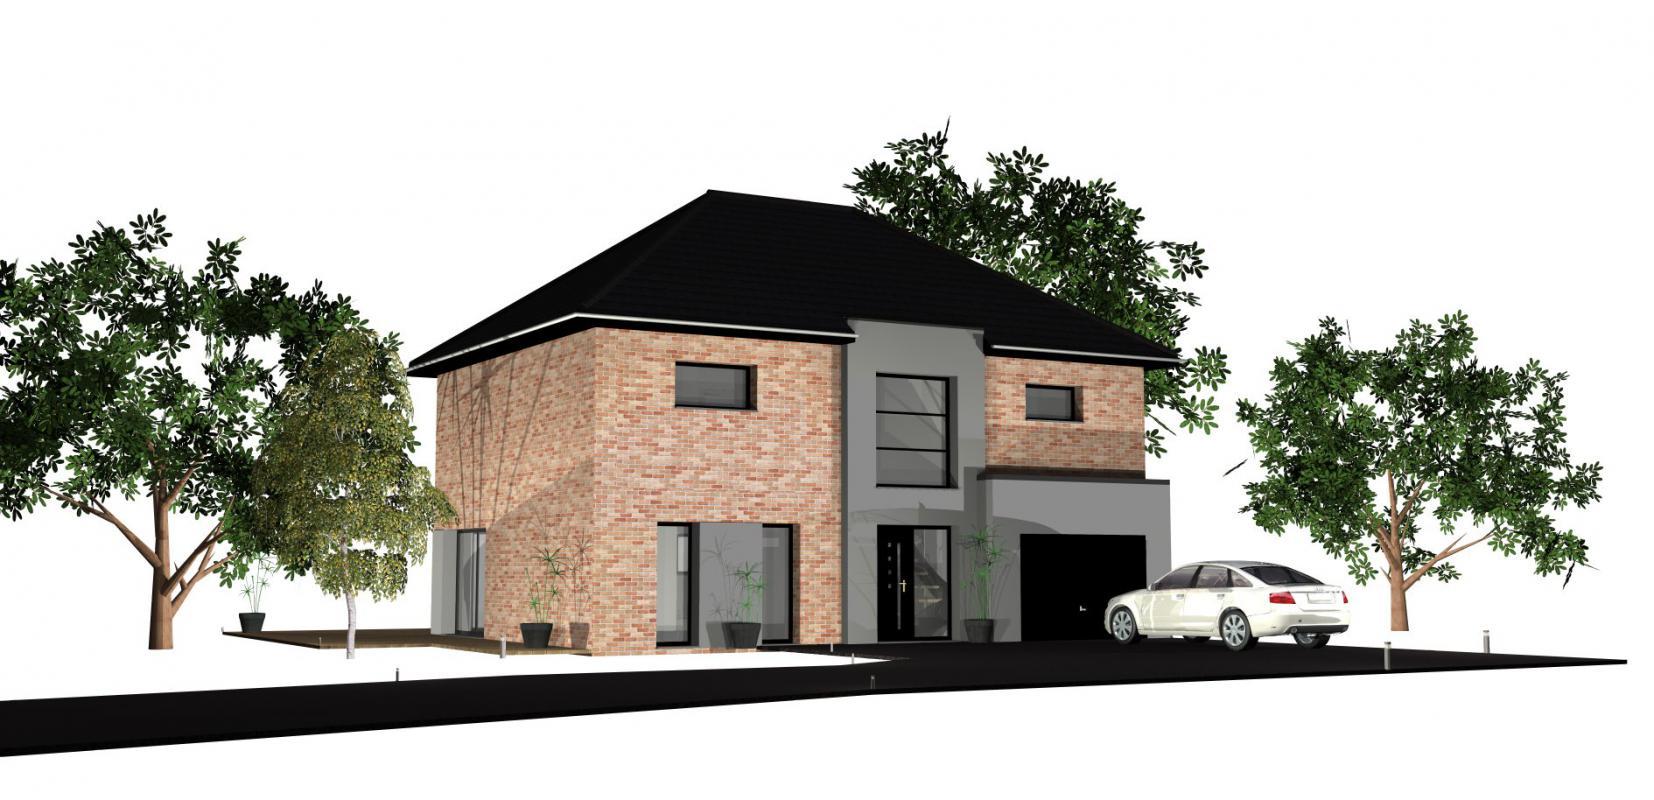 Maisons + Terrains du constructeur MAISONS D EN FRANCE NORD • 150 m² • FROMELLES